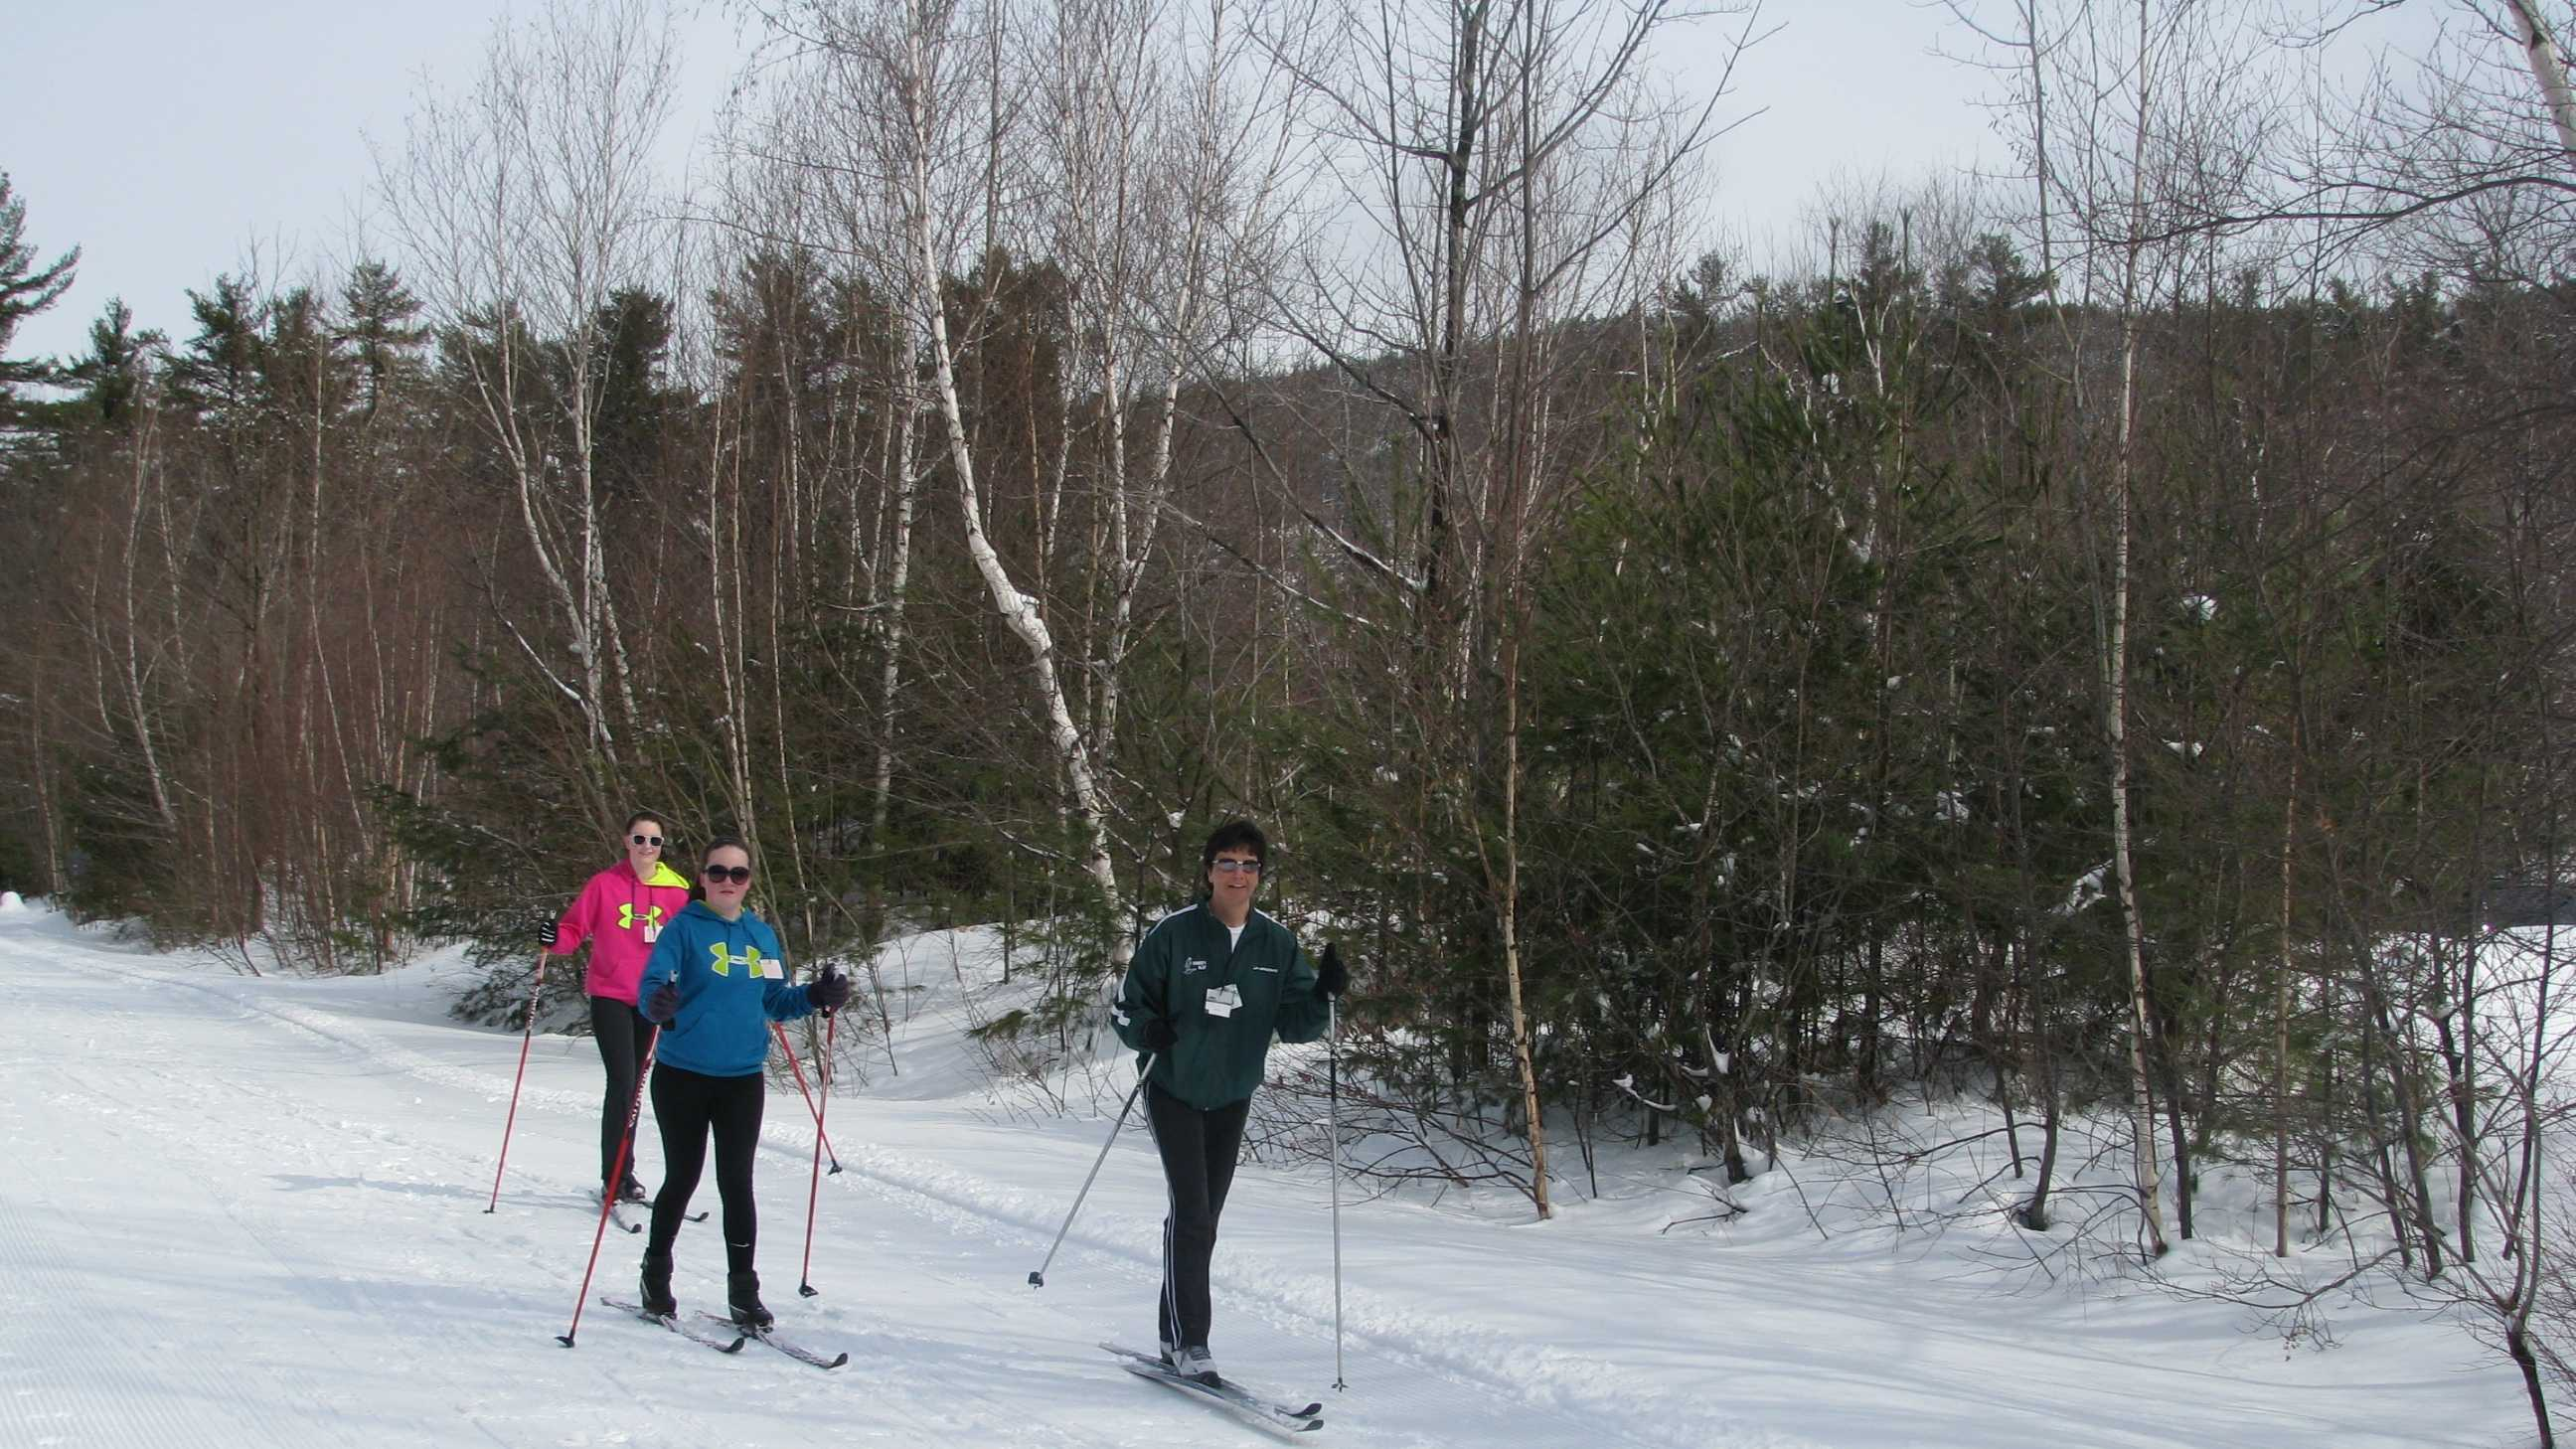 Wednesday skiing